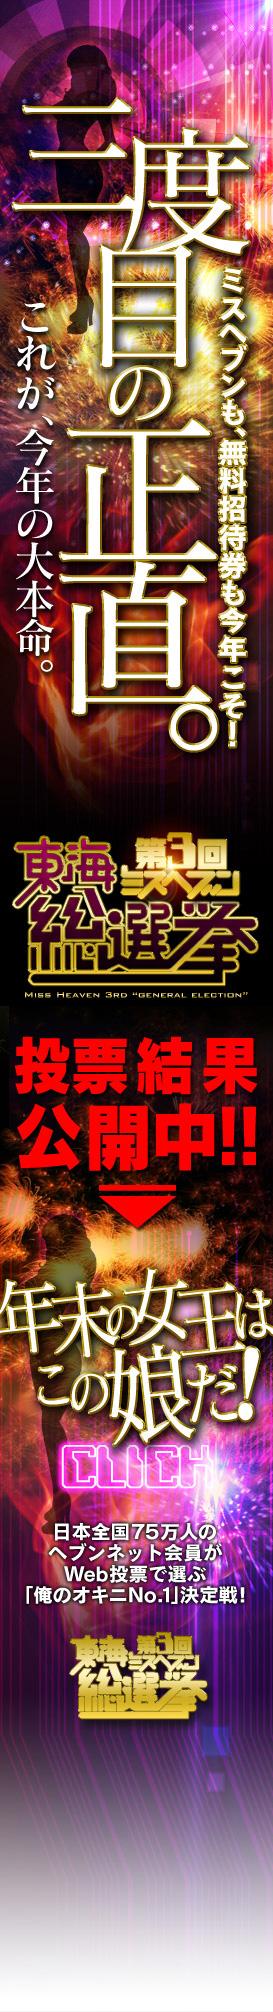 ①右 東海ミスヘブン総選挙2014_エリアトップ ヘブンジャックバナー